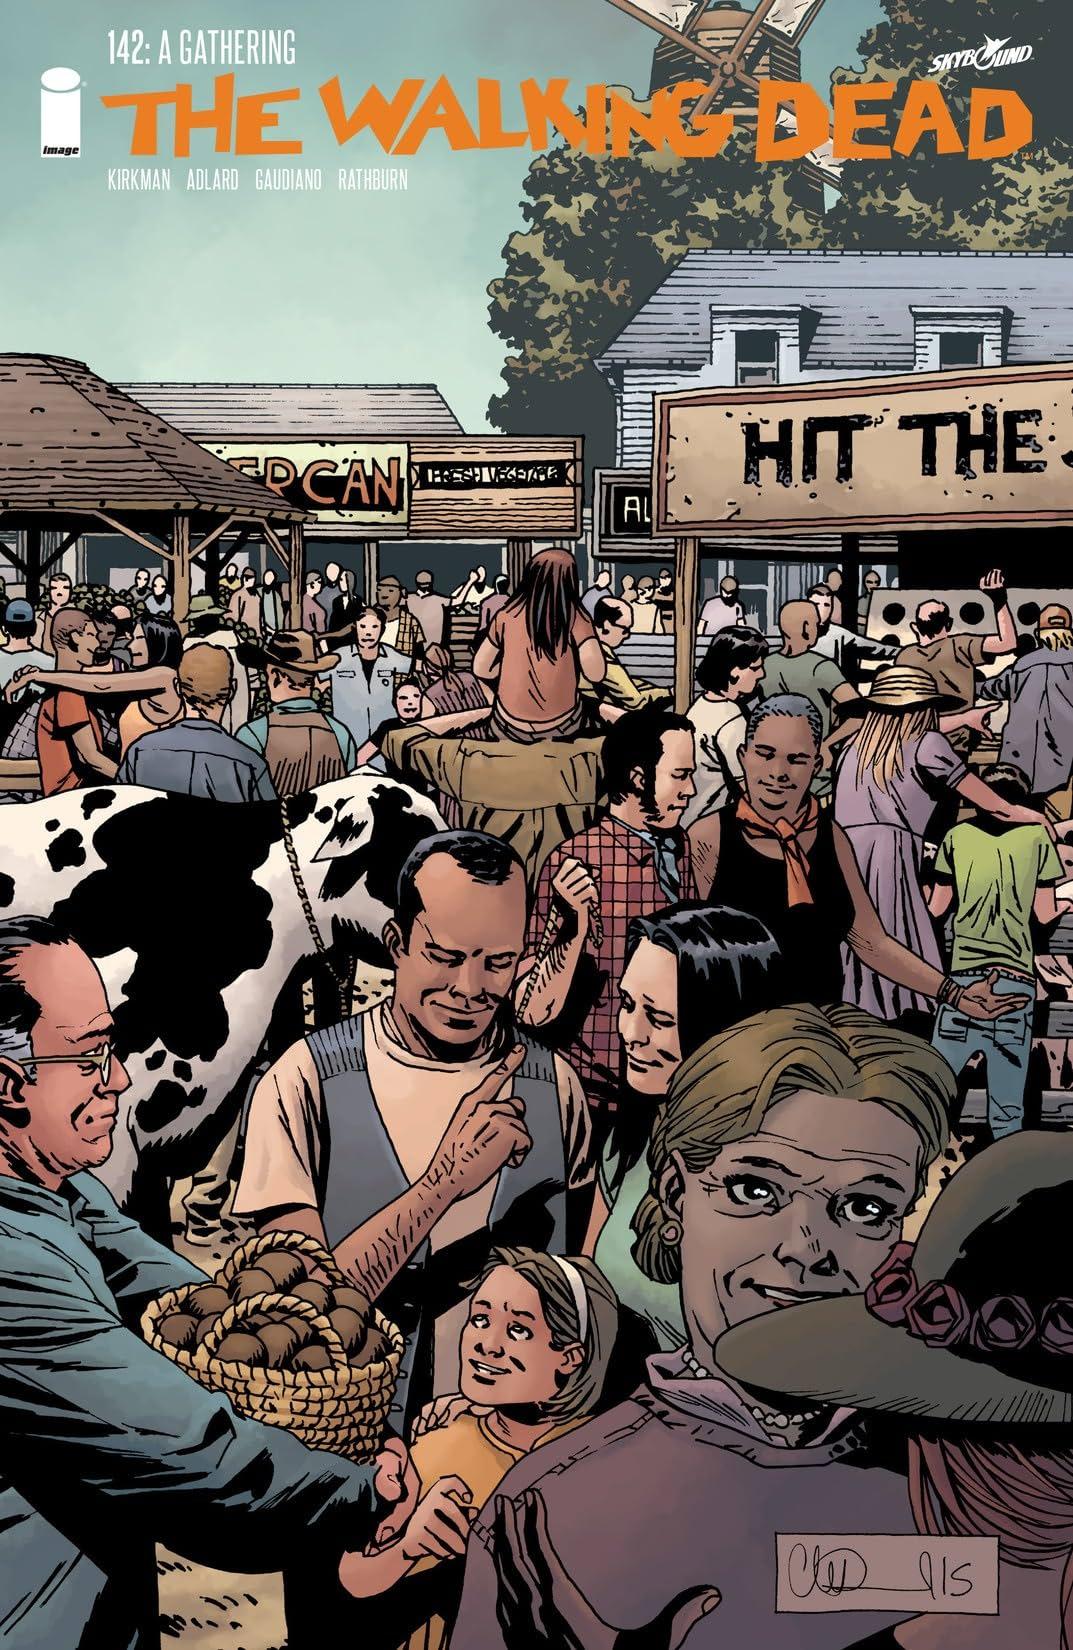 The Walking Dead #142